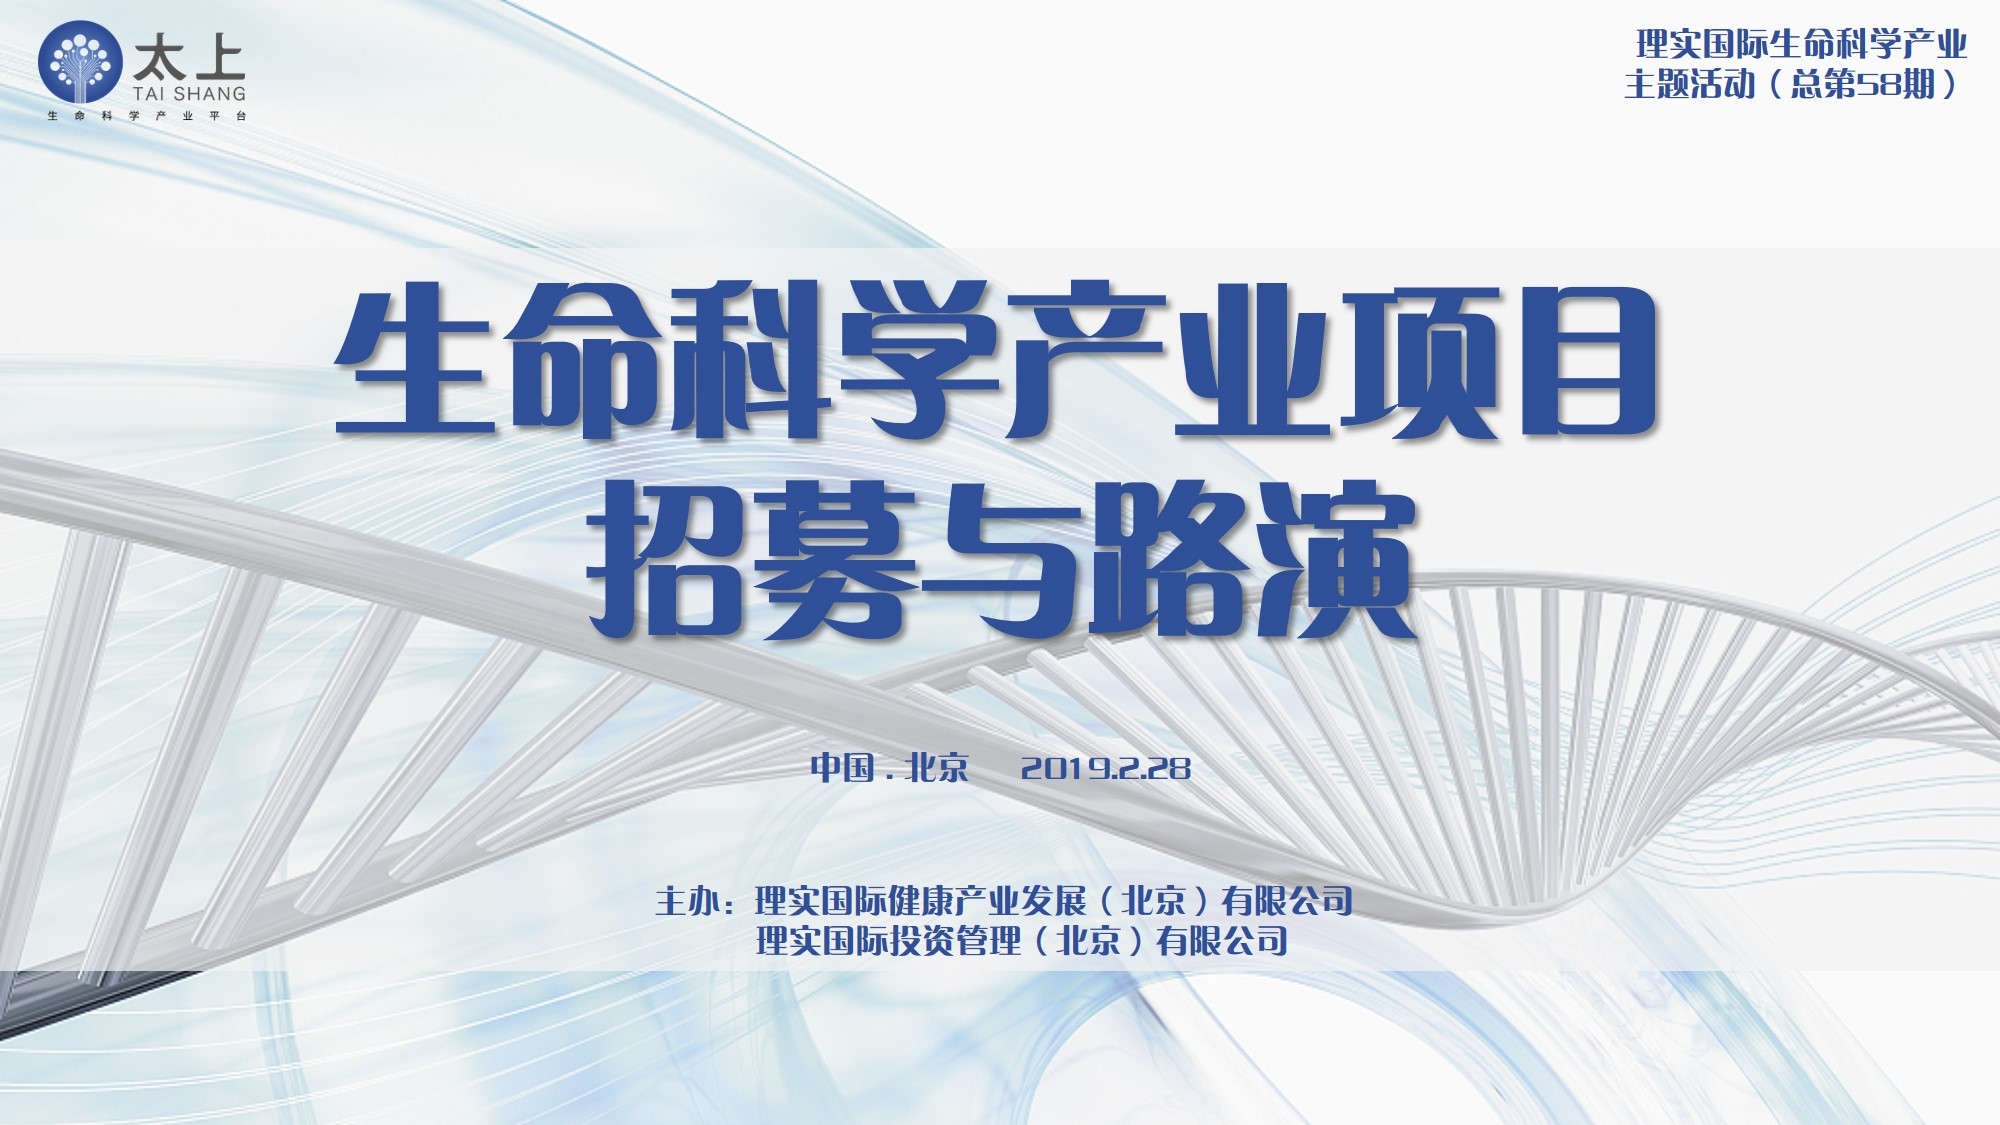 邀 | 2.28太上.生命科学产业项目招募与路演启动!